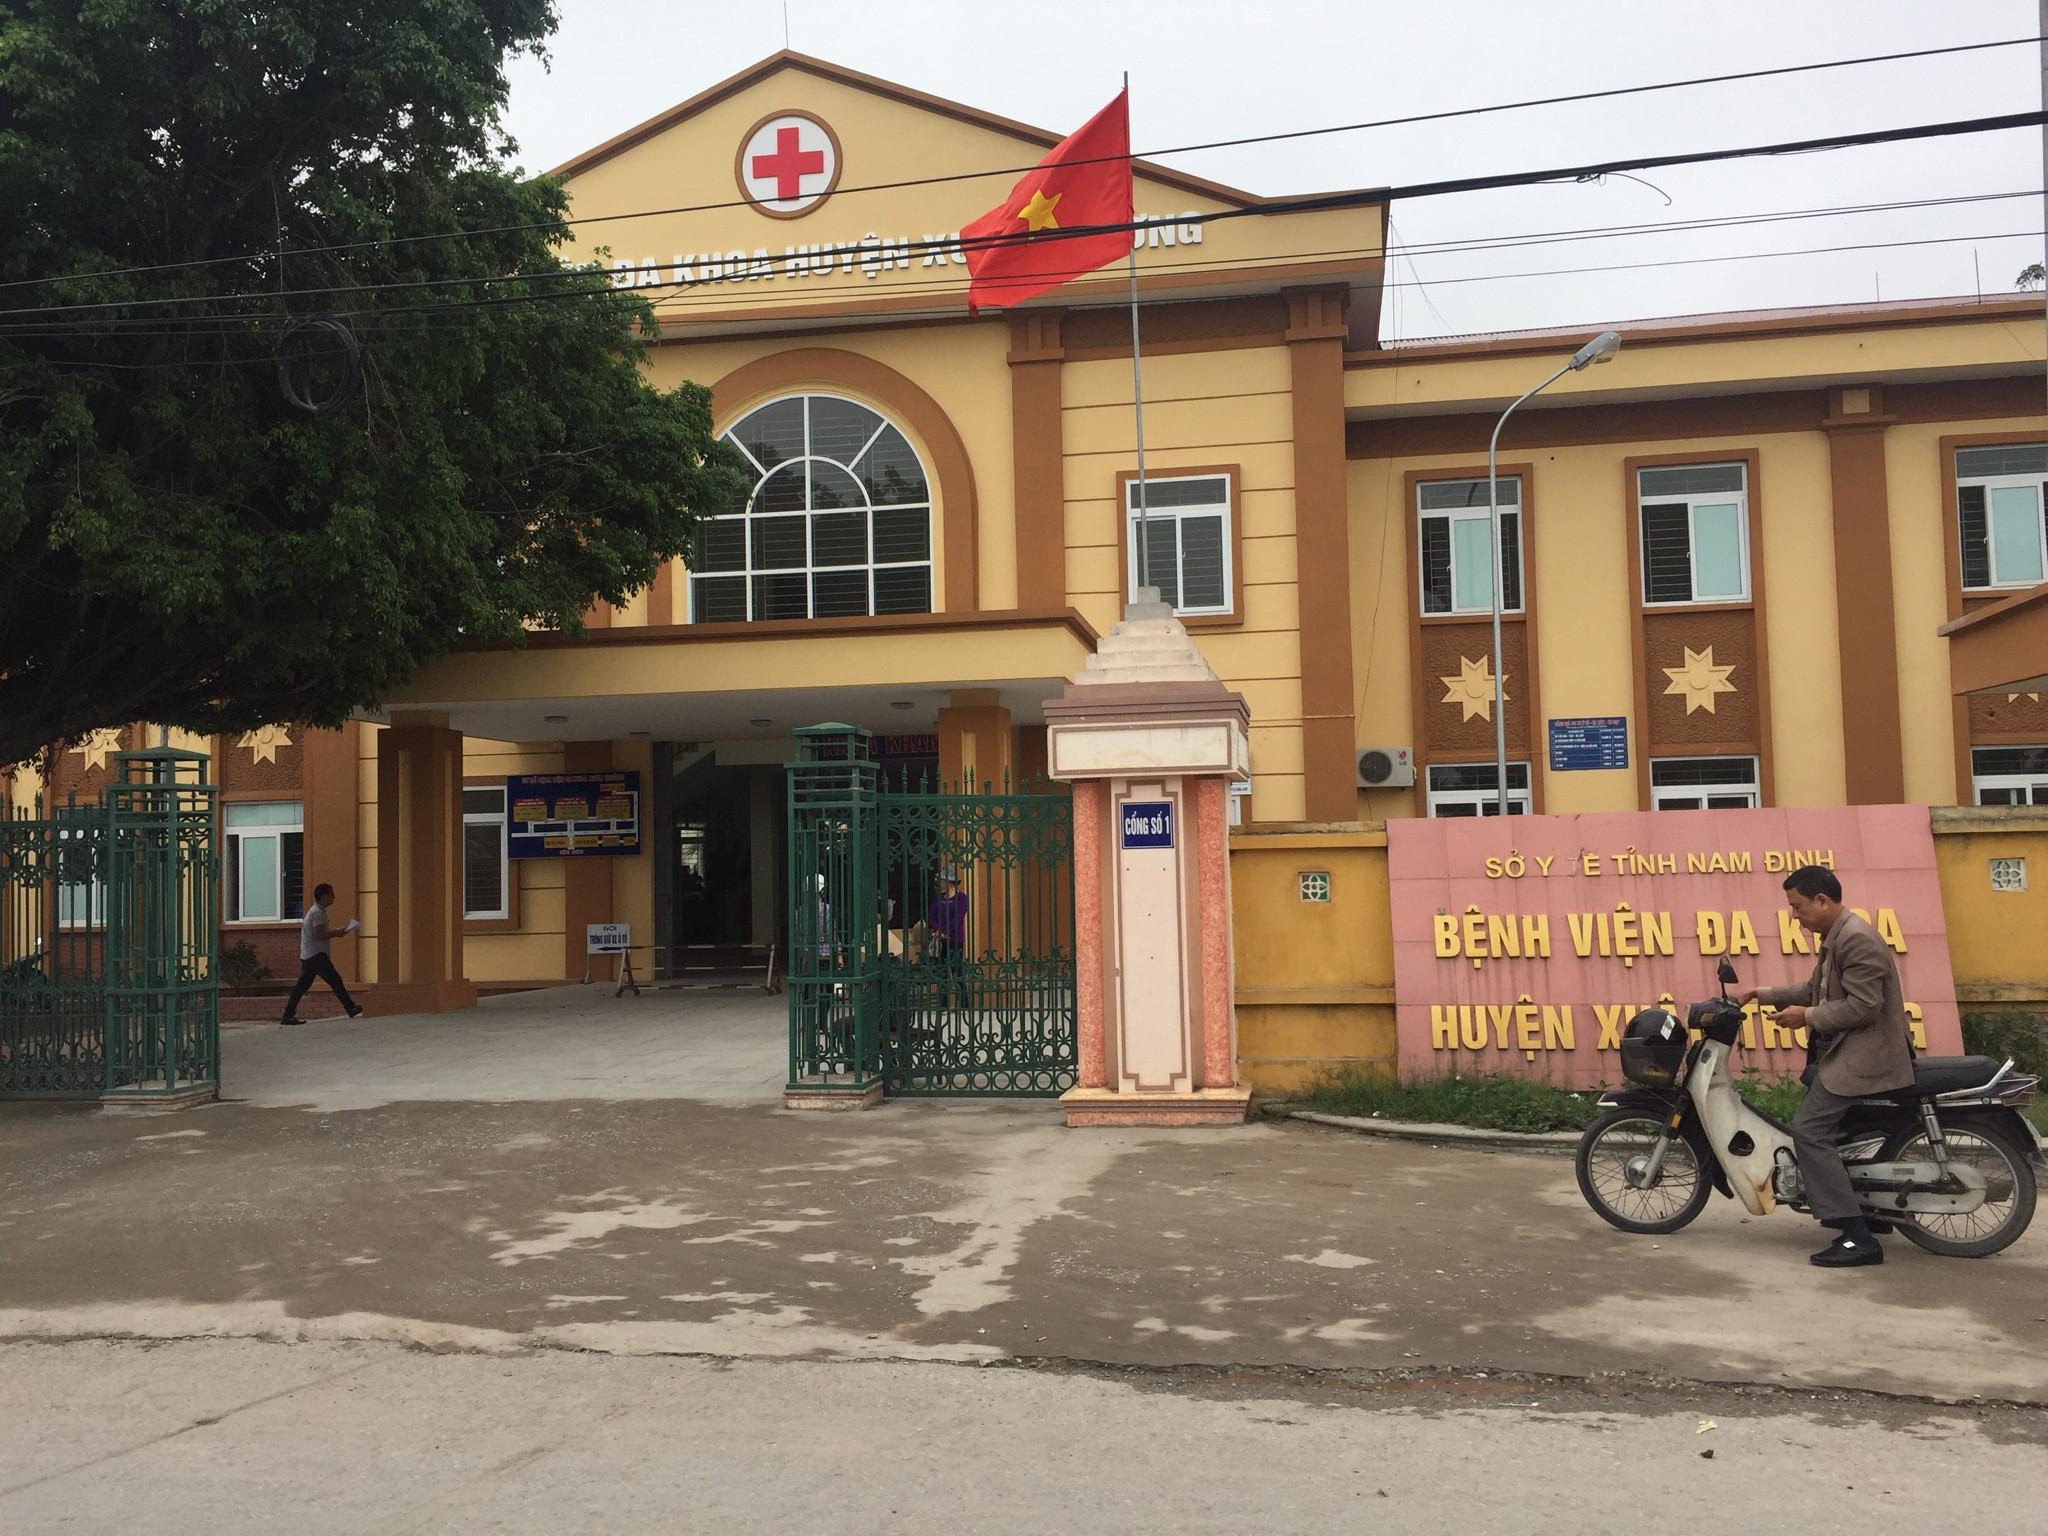 Bệnh viện Đa Khoa Huyện Xuân Trường- phòng khám đa khoa cao cấp Sông Hồng Nam Định